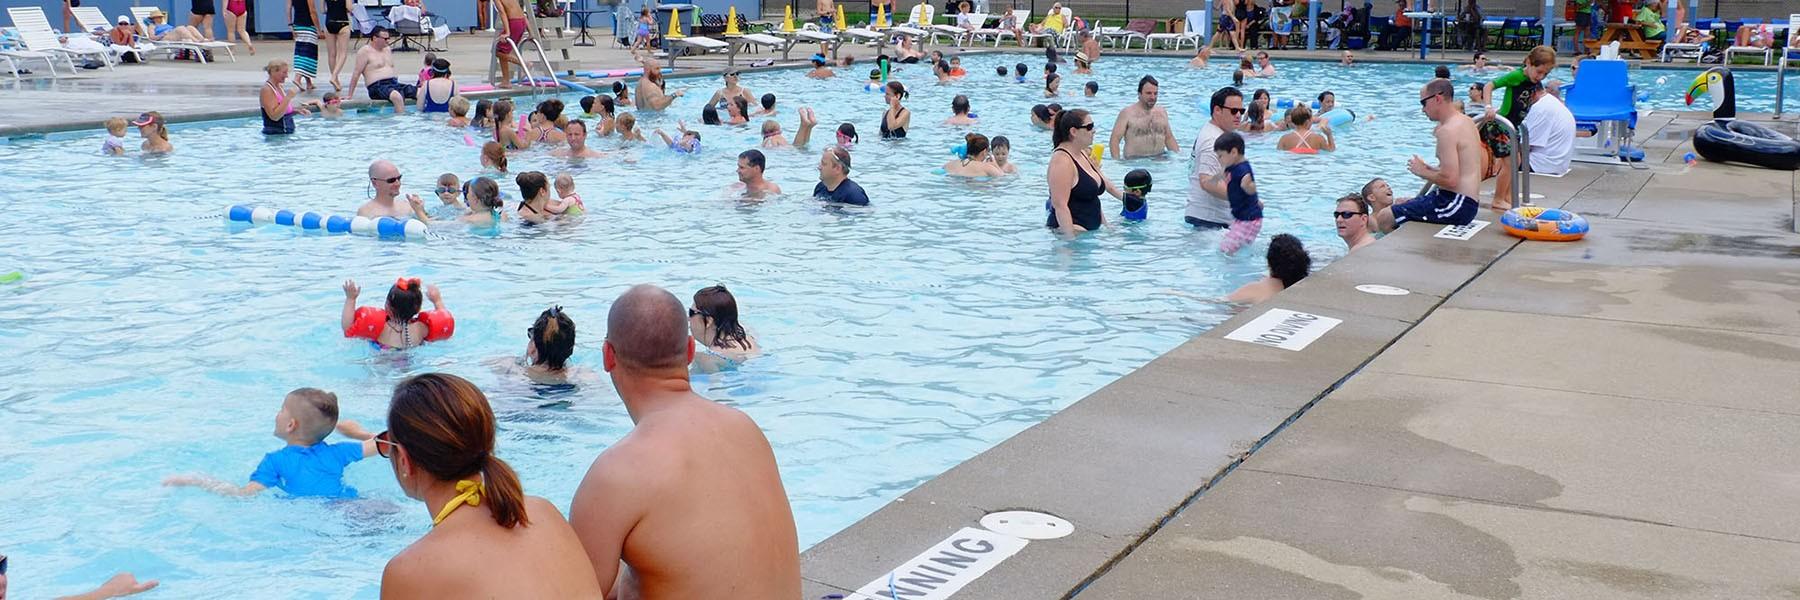 outdoor pool1(7).jpg